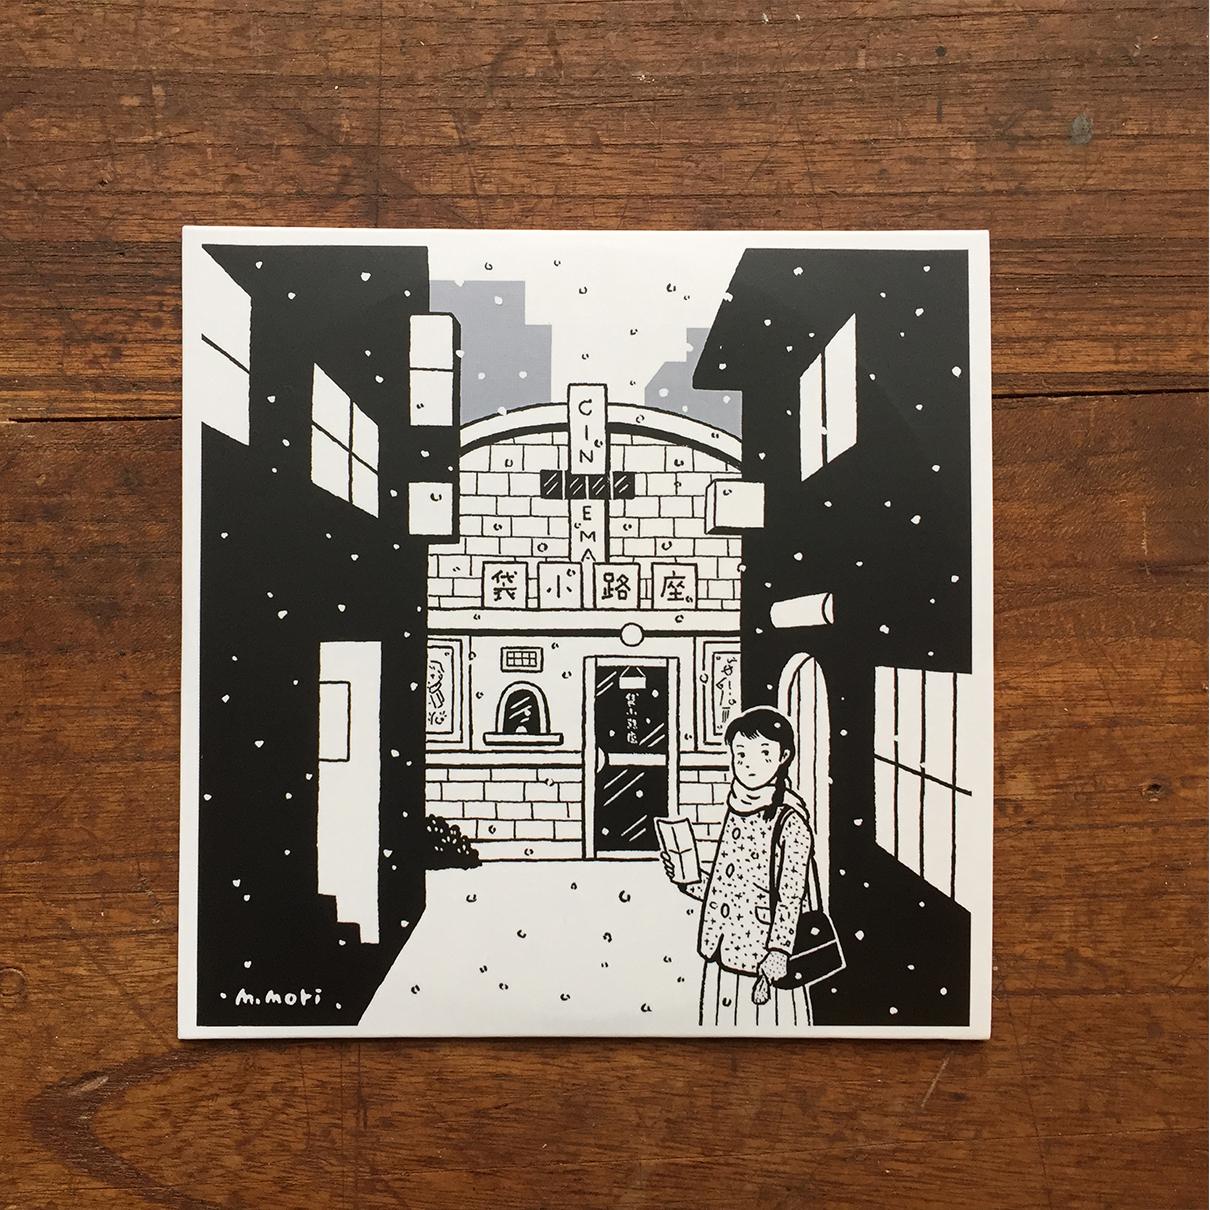 [音楽CD]袋小路映画館/今井大蛇丸